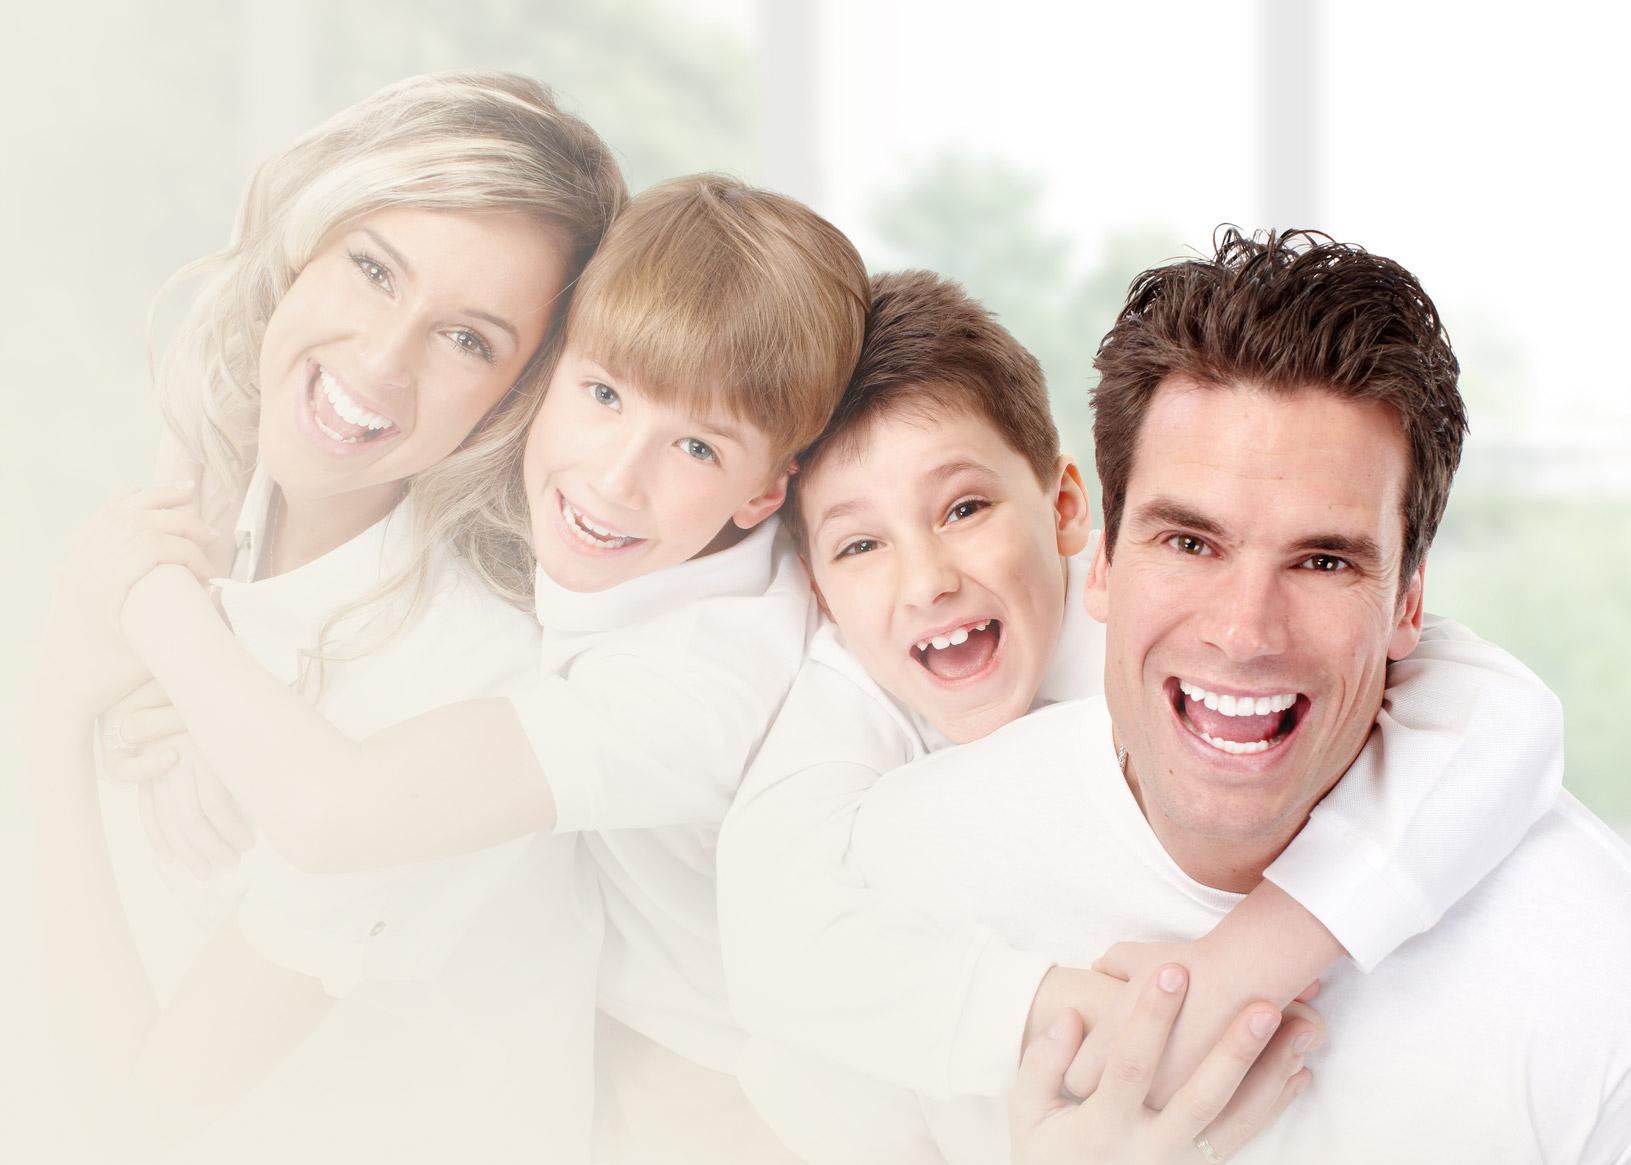 Madame, Monsieur et leurs enfants sont tous les bienvenus au cabinet dentaire des docteurs Marcucci & Combes